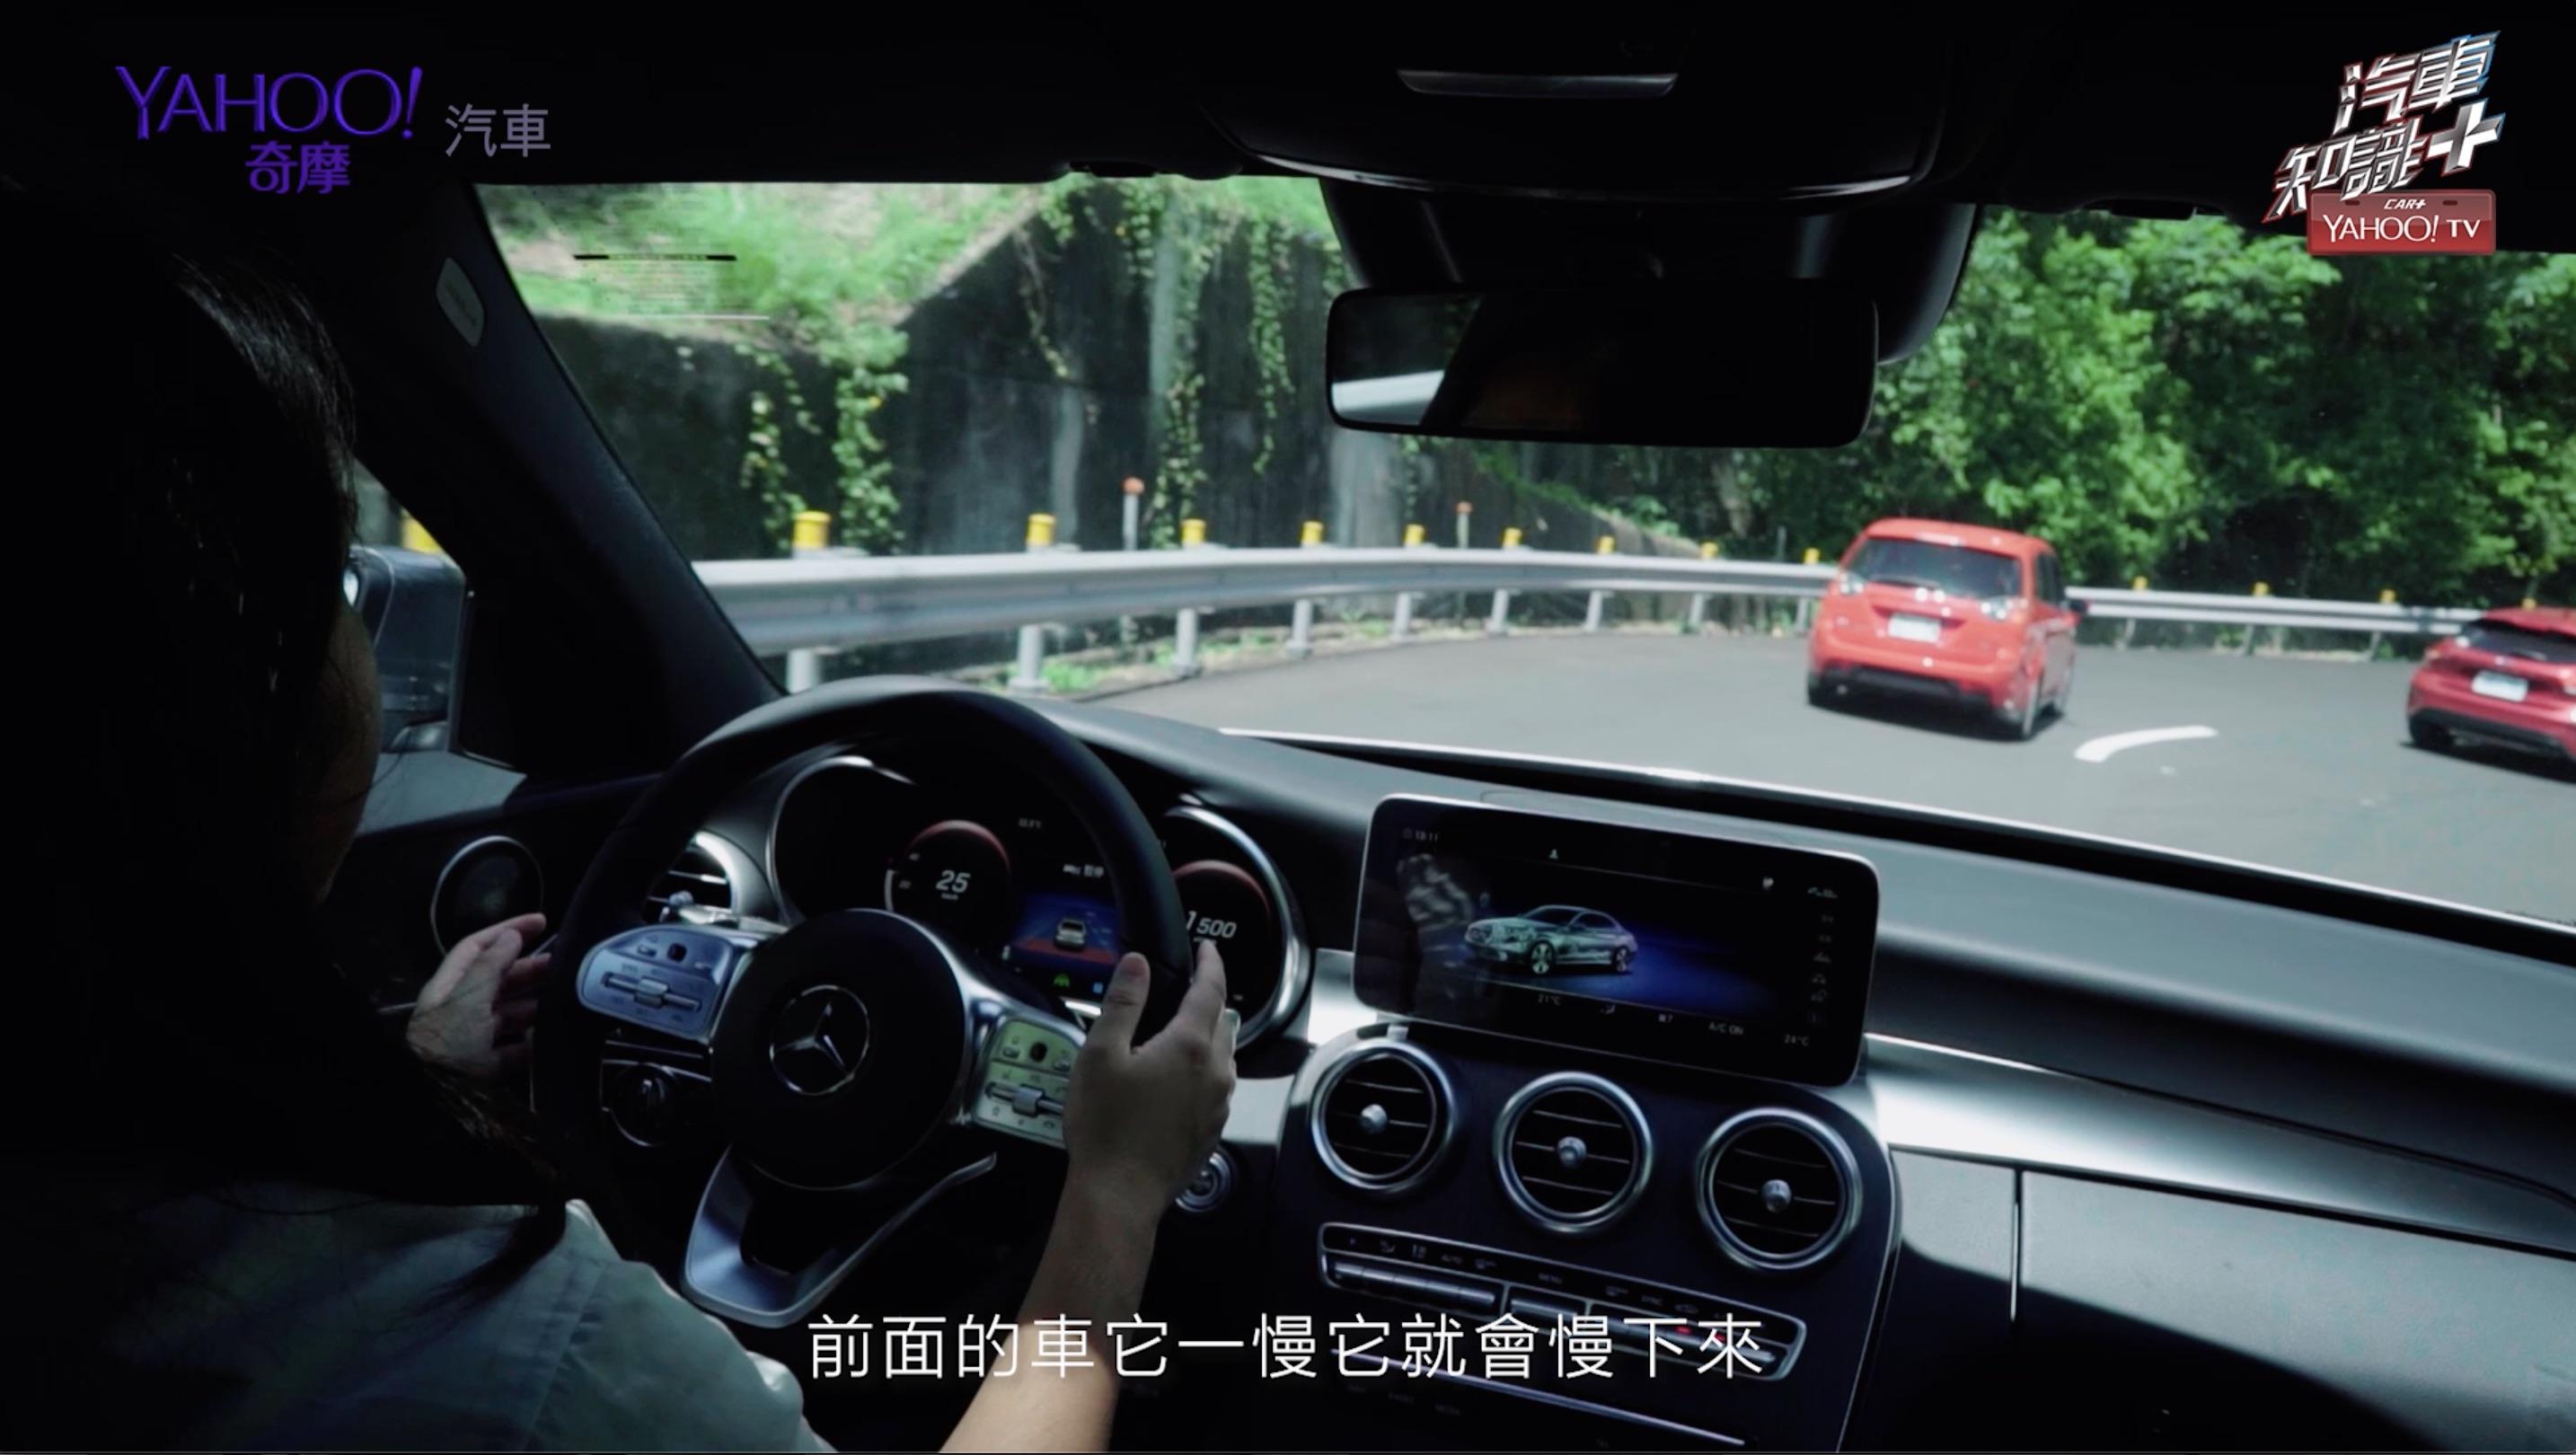 【汽車知識+】Vol.32 自動駕駛的時代真的來了嗎?(下):自動駕駛輔助科技真的有用嗎?